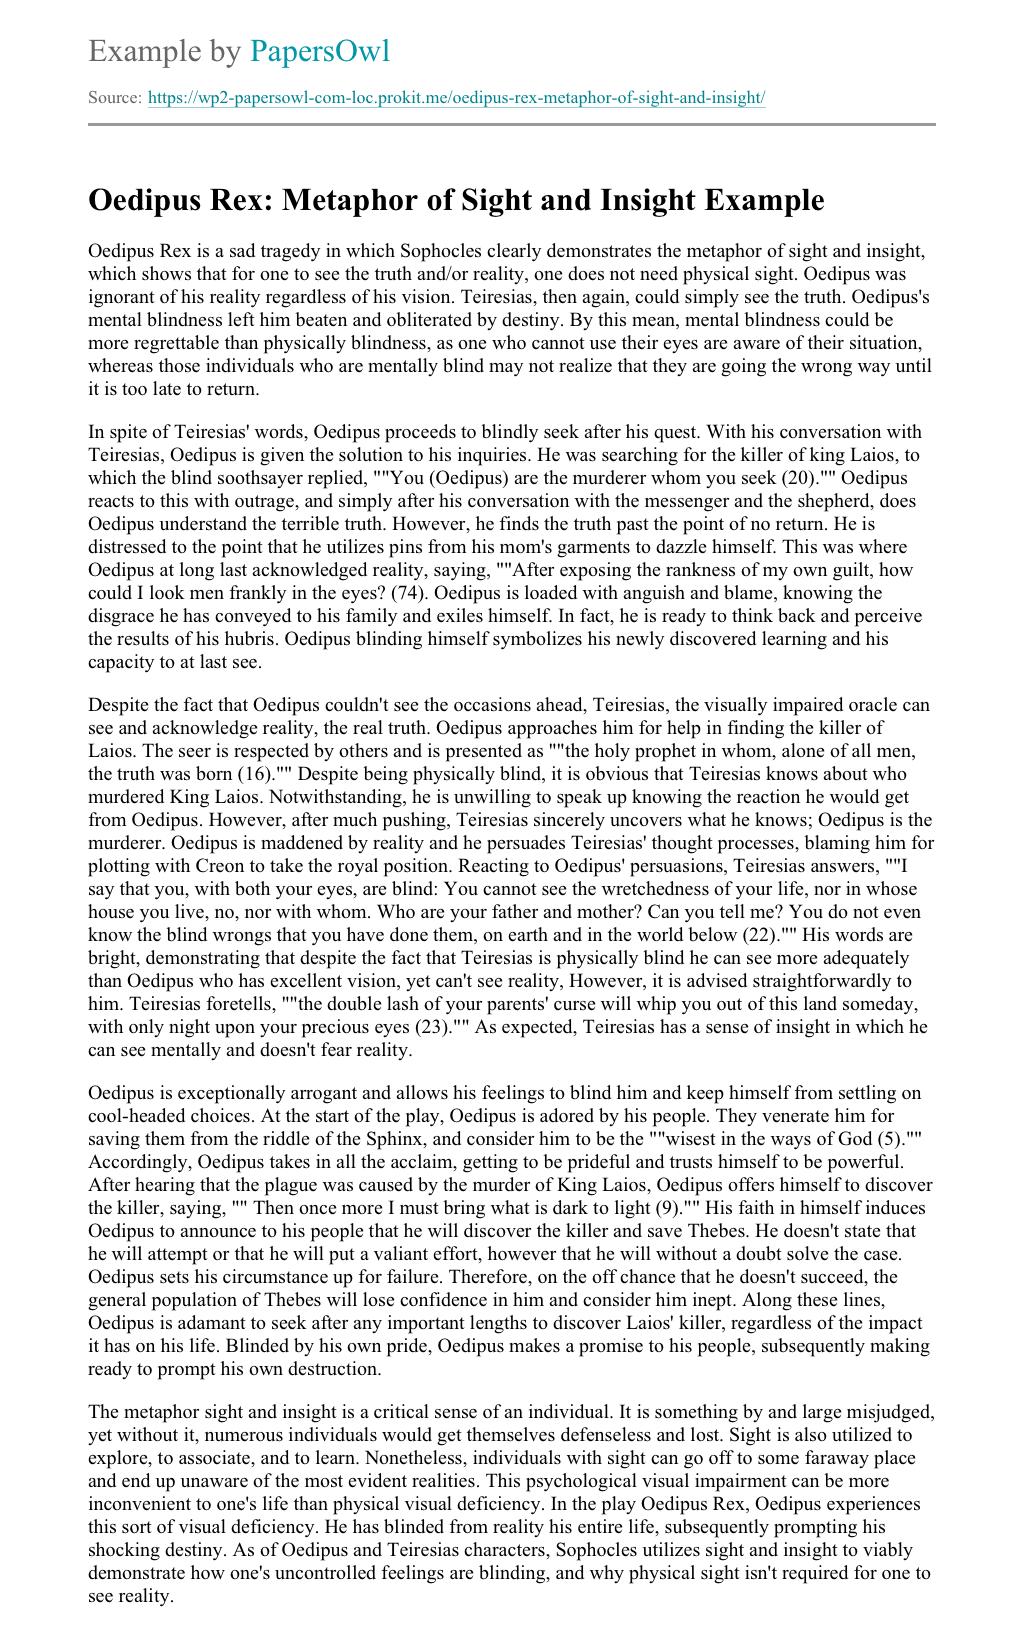 Summer school application essay example